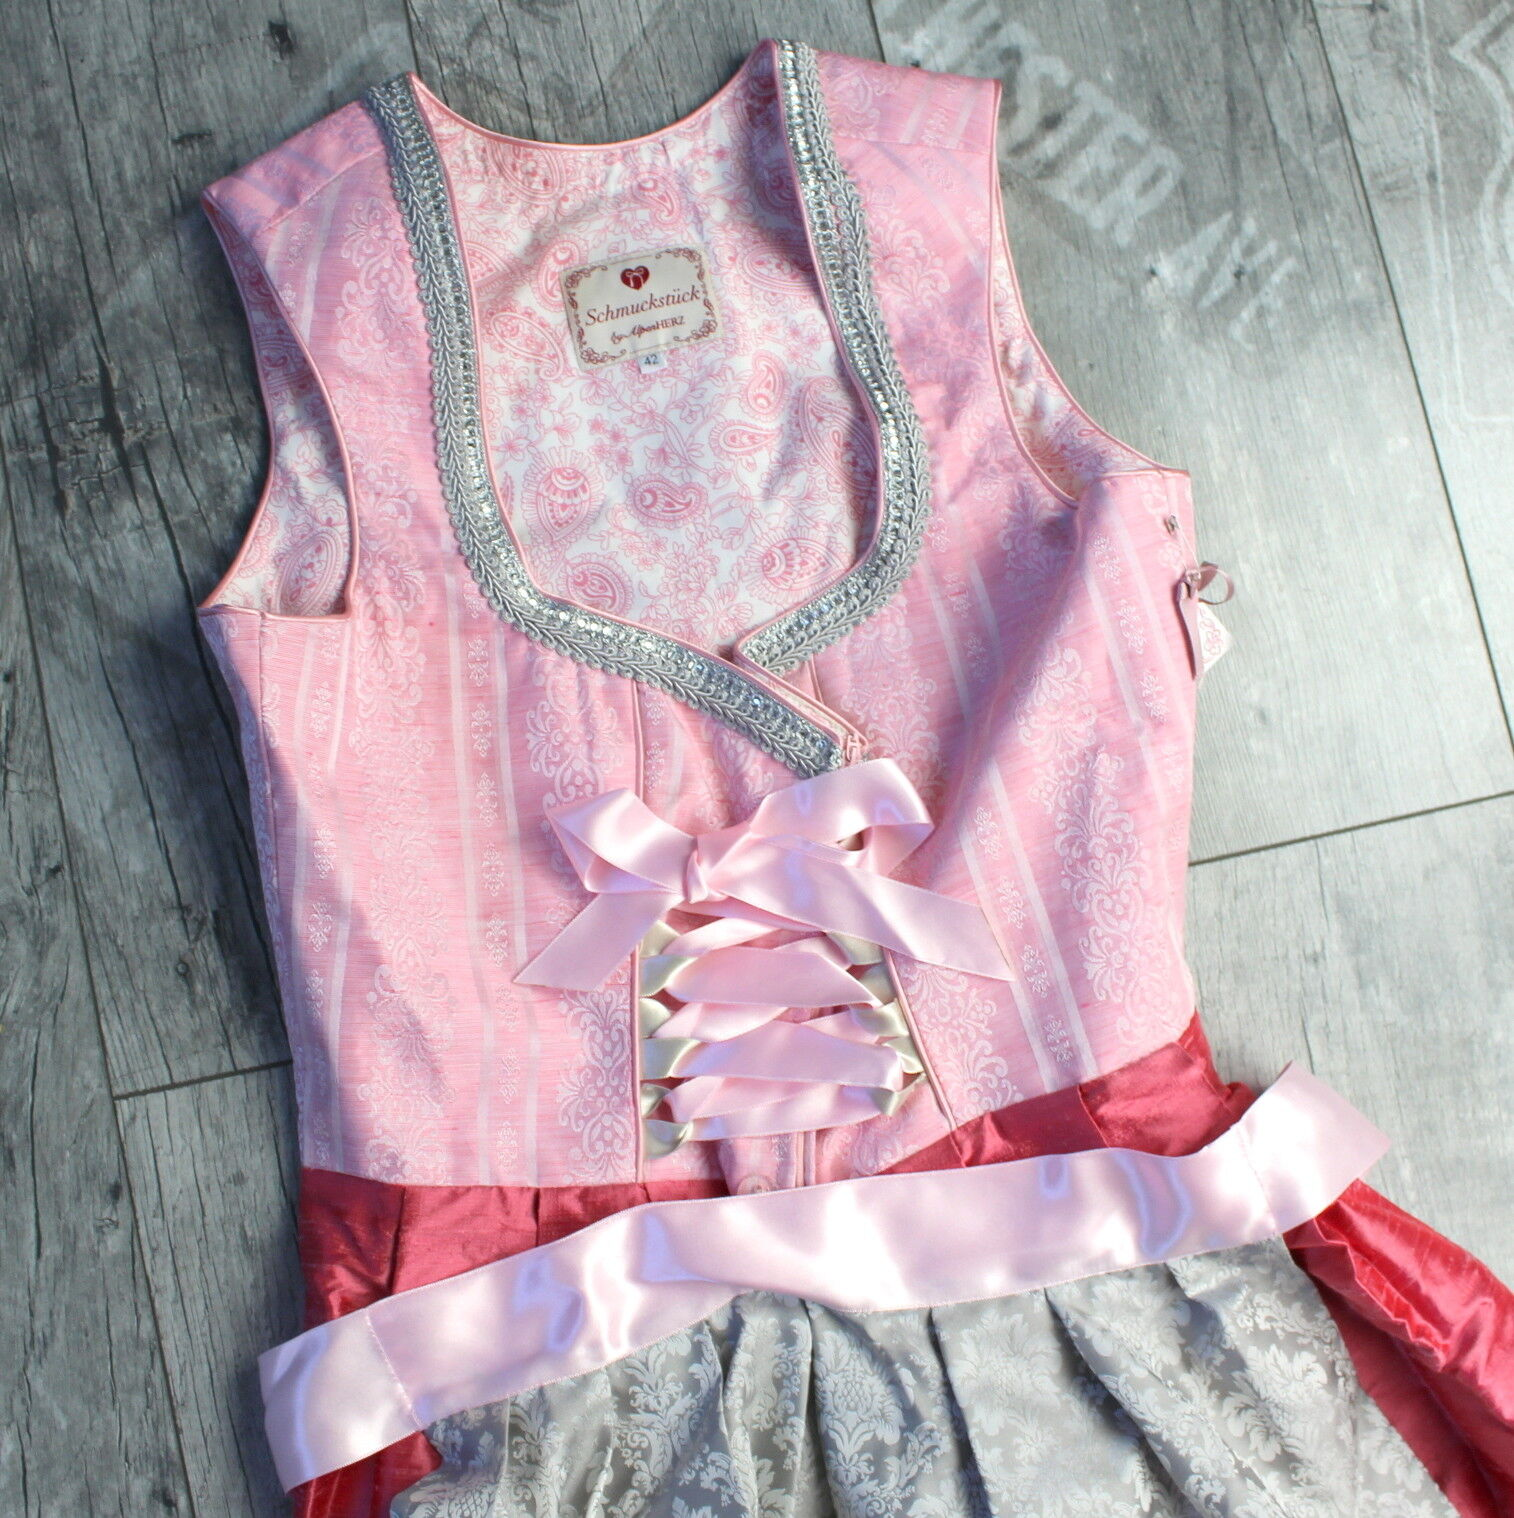 Bávara joya by Alpes corazón MIDI   Sonja  talla 42 XL vestido Oktoberfest r543  comprar barato